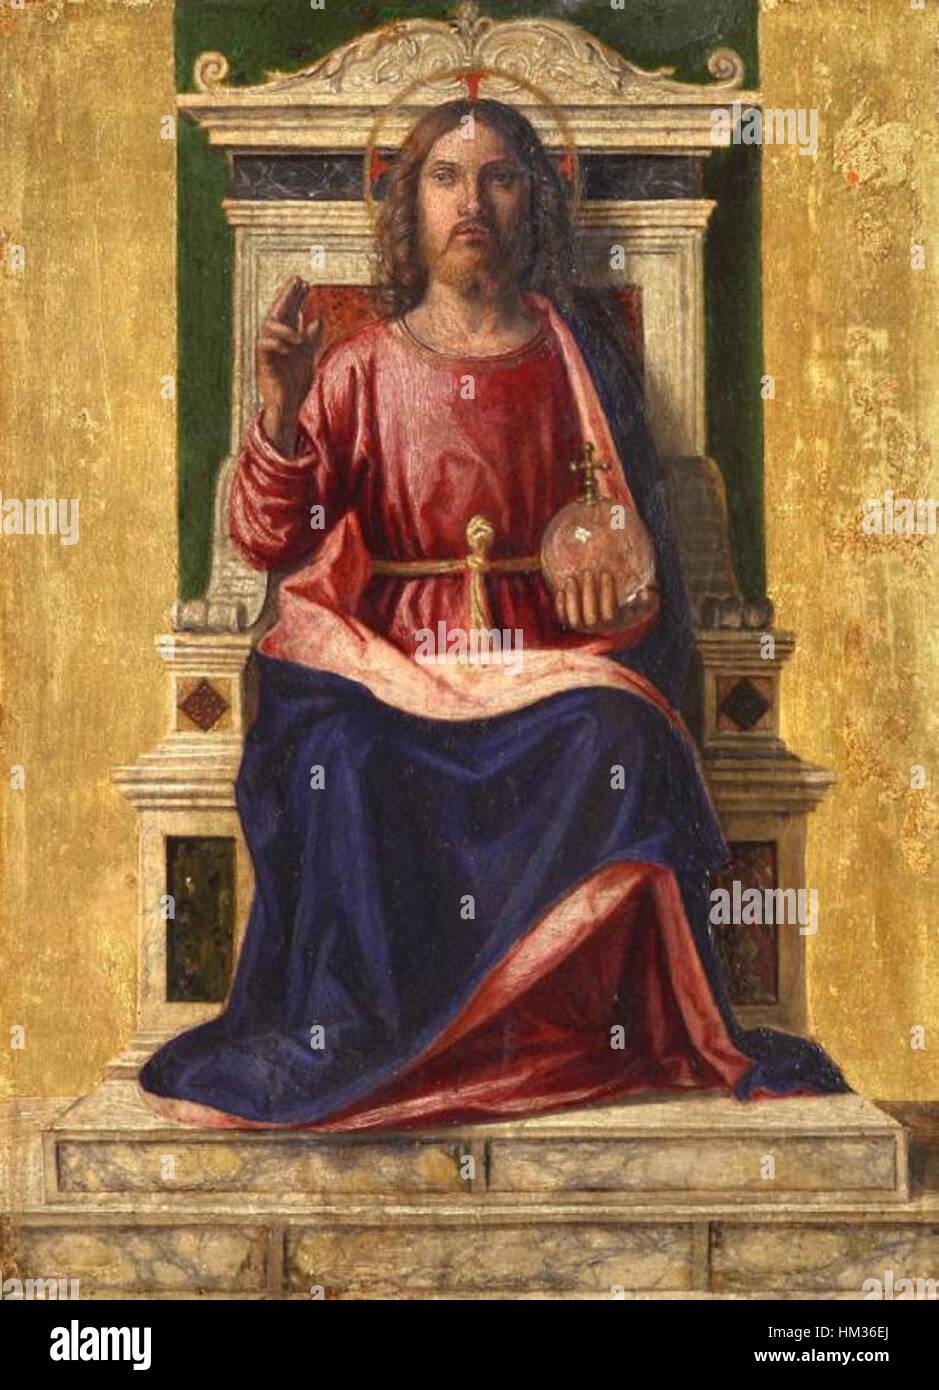 Jesus christ on the throne by cima da conegliano stock photo jesus christ on the throne by cima da conegliano thecheapjerseys Choice Image